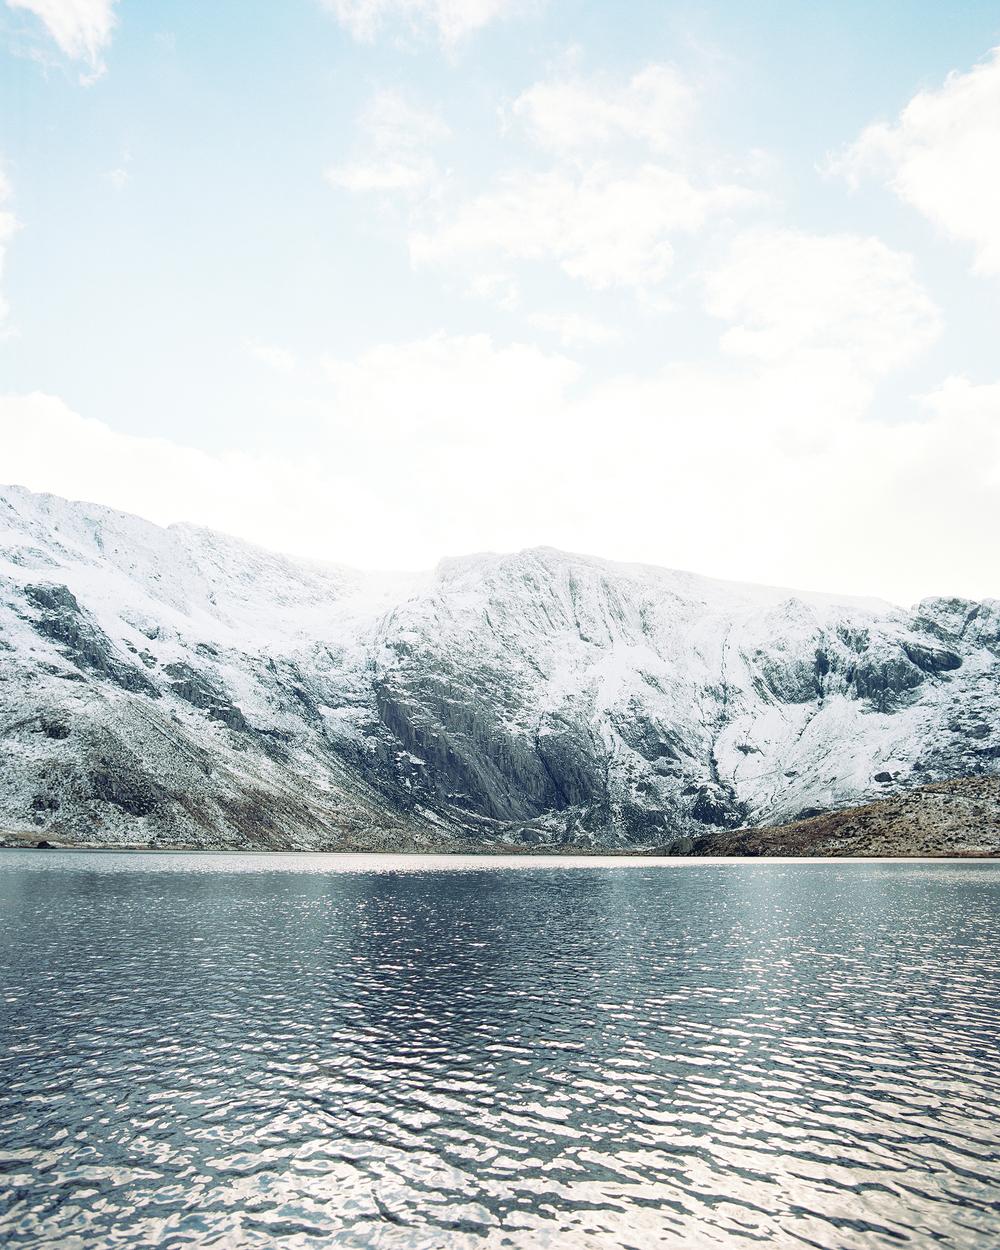 Cwm Idwal in Snowdonia. Mamiya RZ67 Pro ii / 50mm f4.5 / Kodak Portra 400